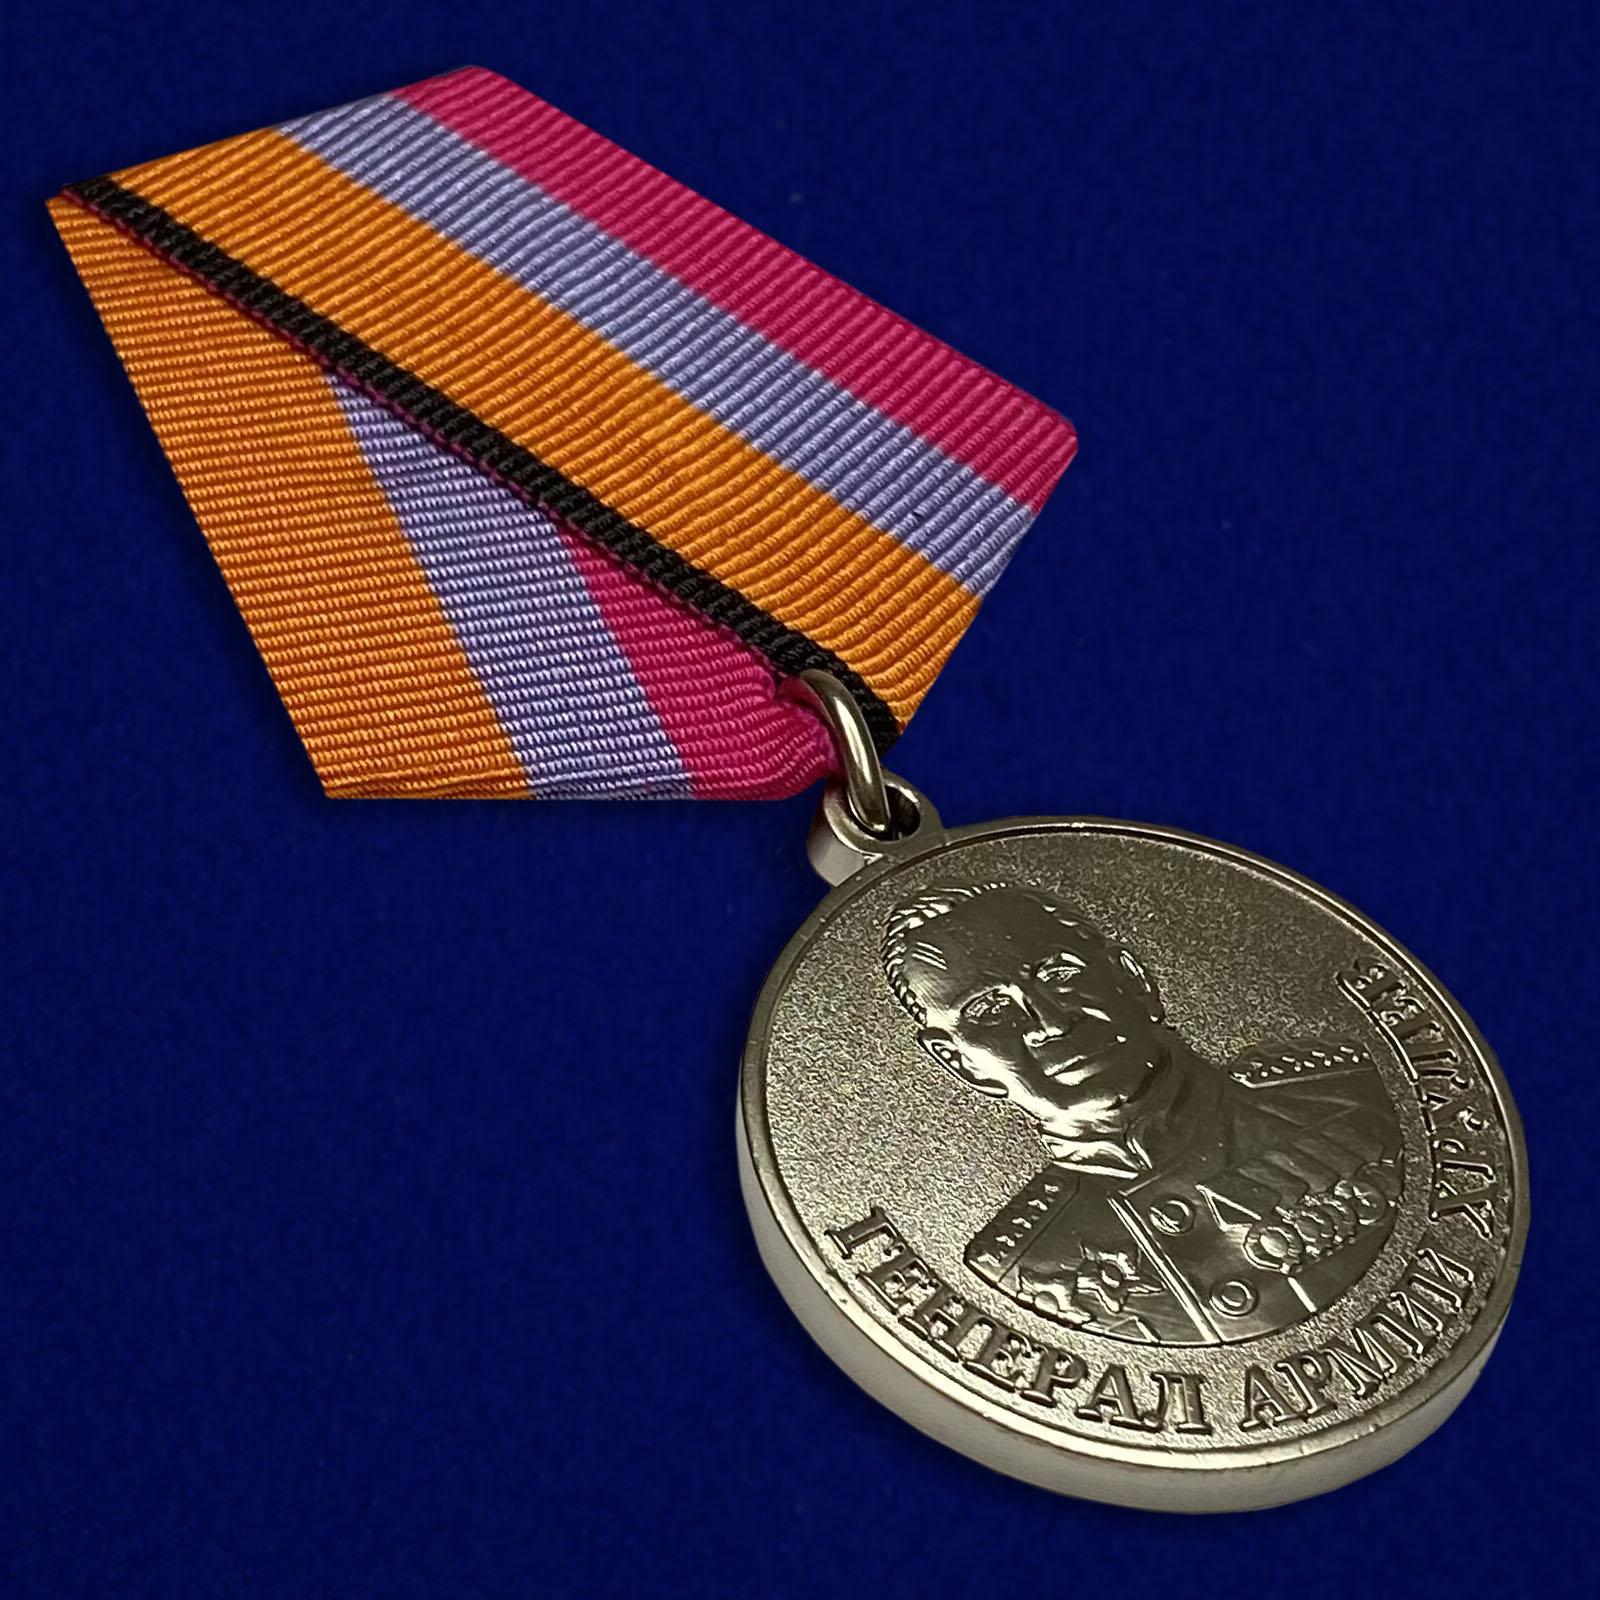 Медаль «Генерал армии Хрулев» МО РФ по выгодной цене